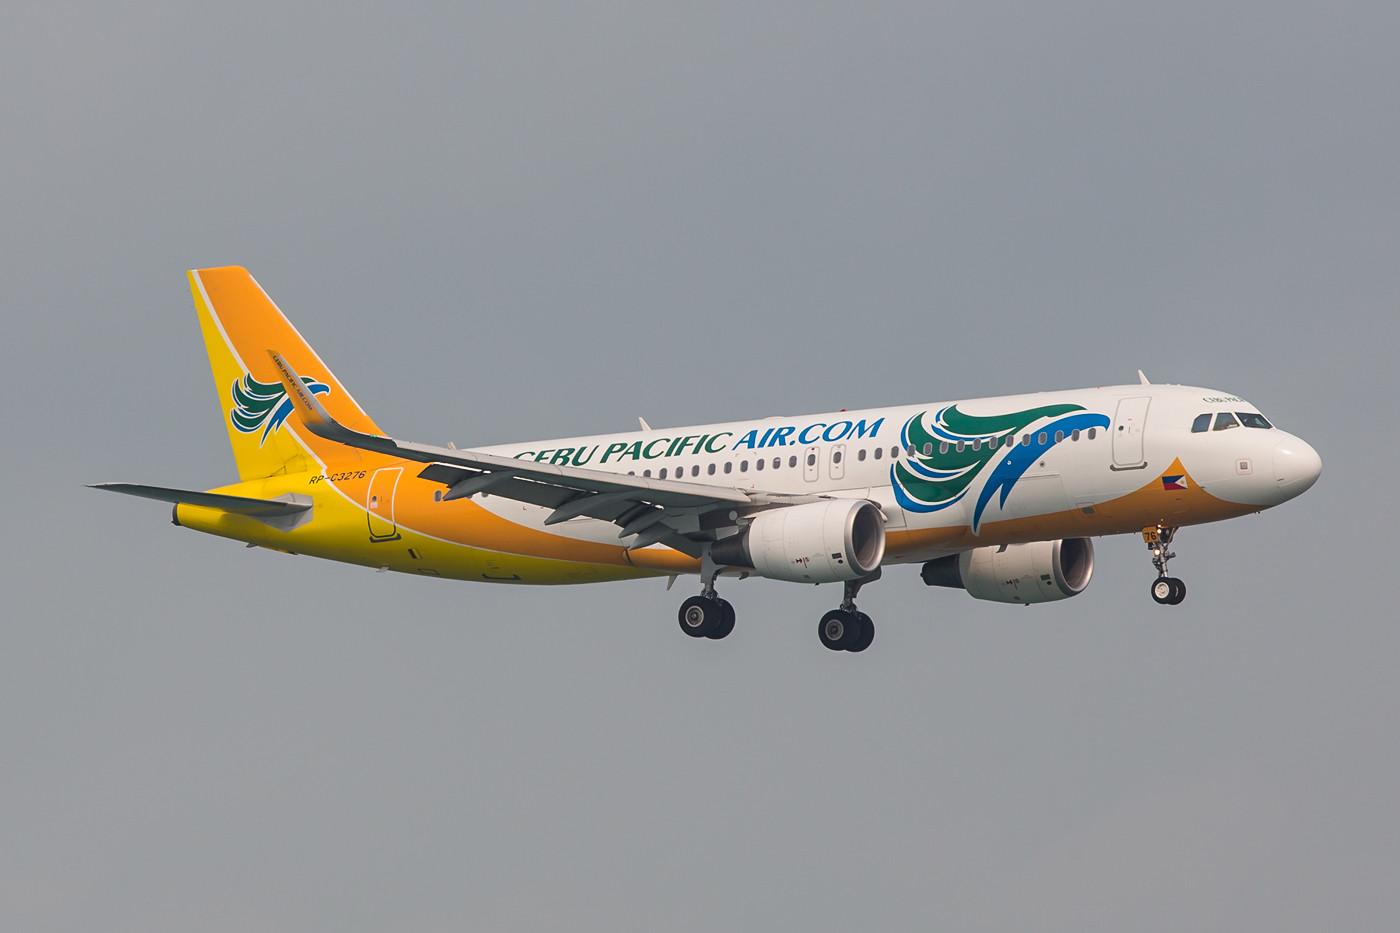 Cebu Pacific ist eine Low Cost Airline von den Philippinen.